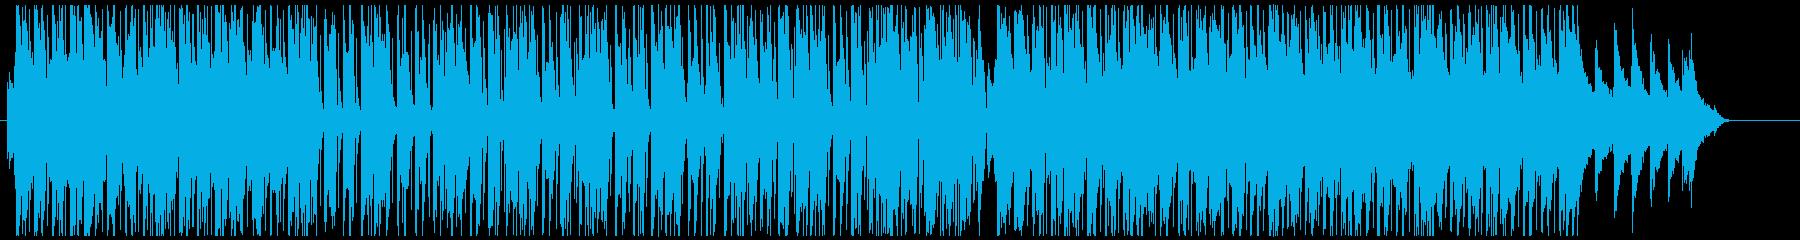 ポップで使いやすいレゲトン、ラテン曲の再生済みの波形